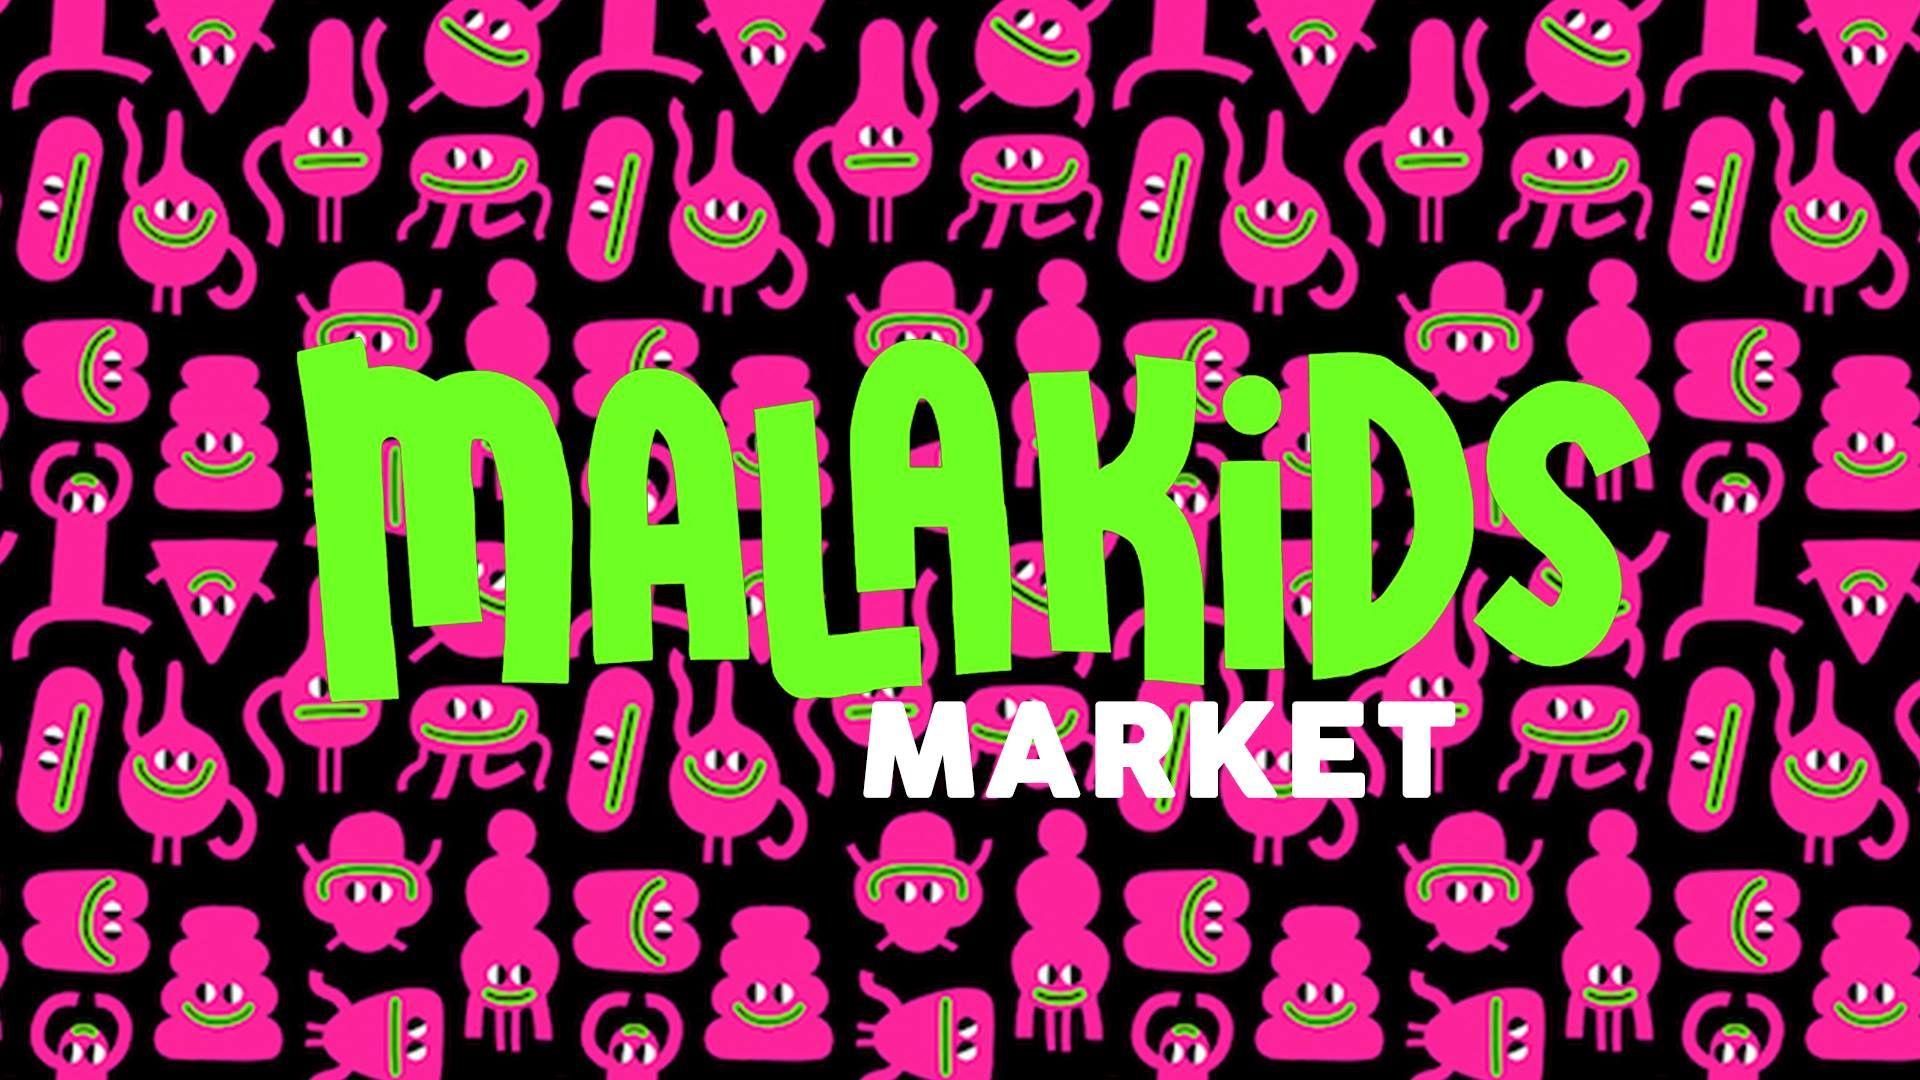 malakids market